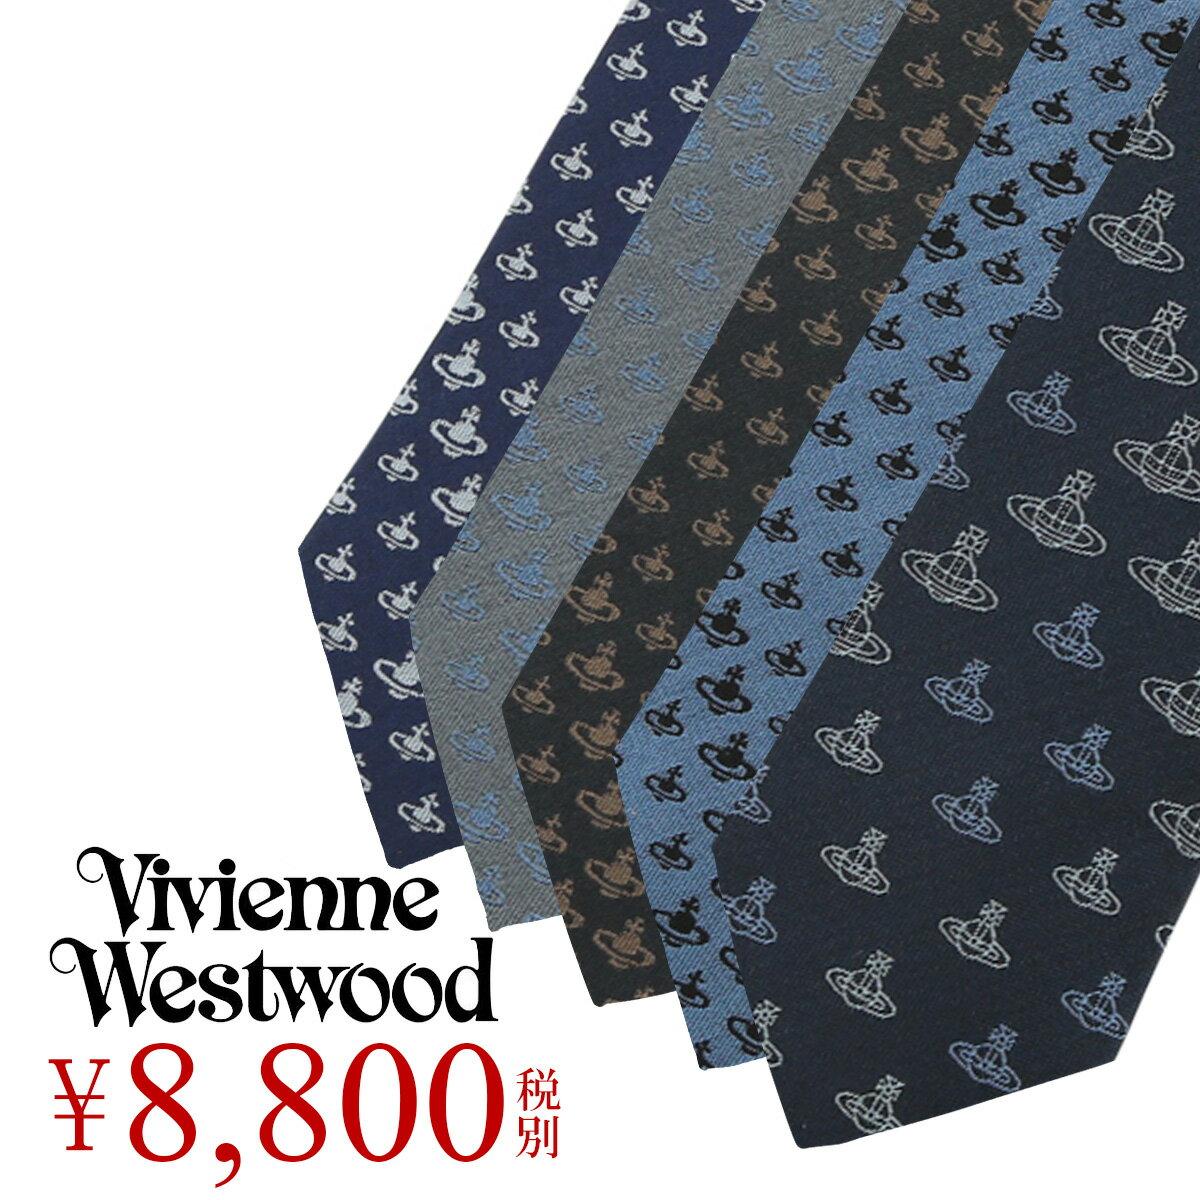 【 ヴィヴィアンウエストウッド Vivienne Westwood 】 ネクタイ ブランド メンズ スリムタイプ